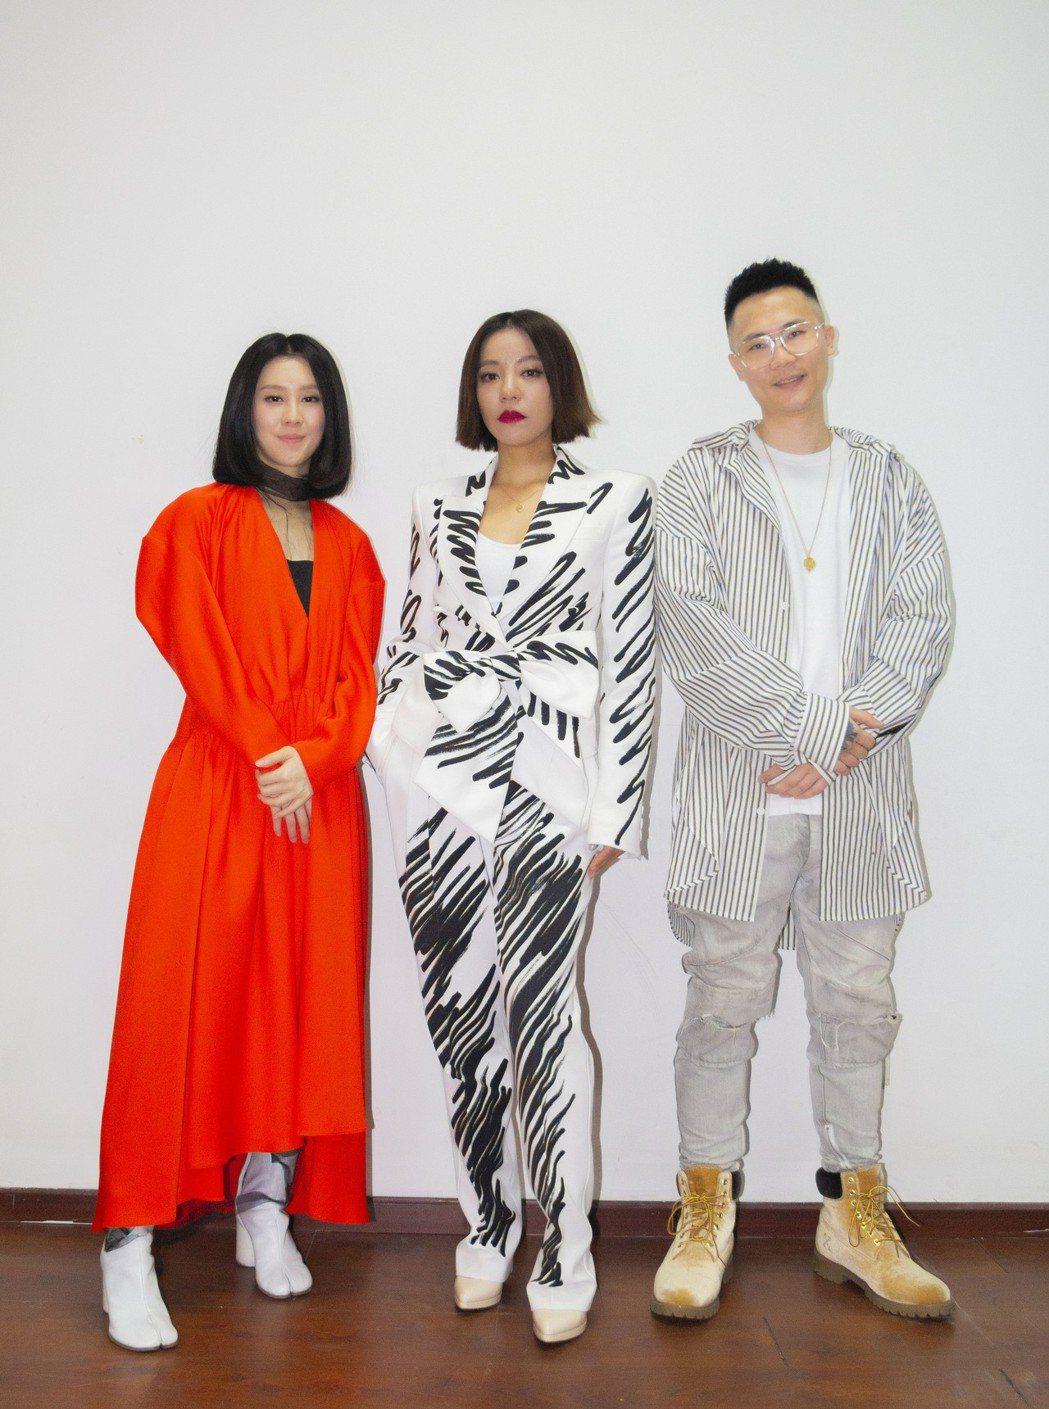 白安(左起)、丁噹、蕭秉治出席第10屆流行音樂全金榜年度盛典。圖/相信提供